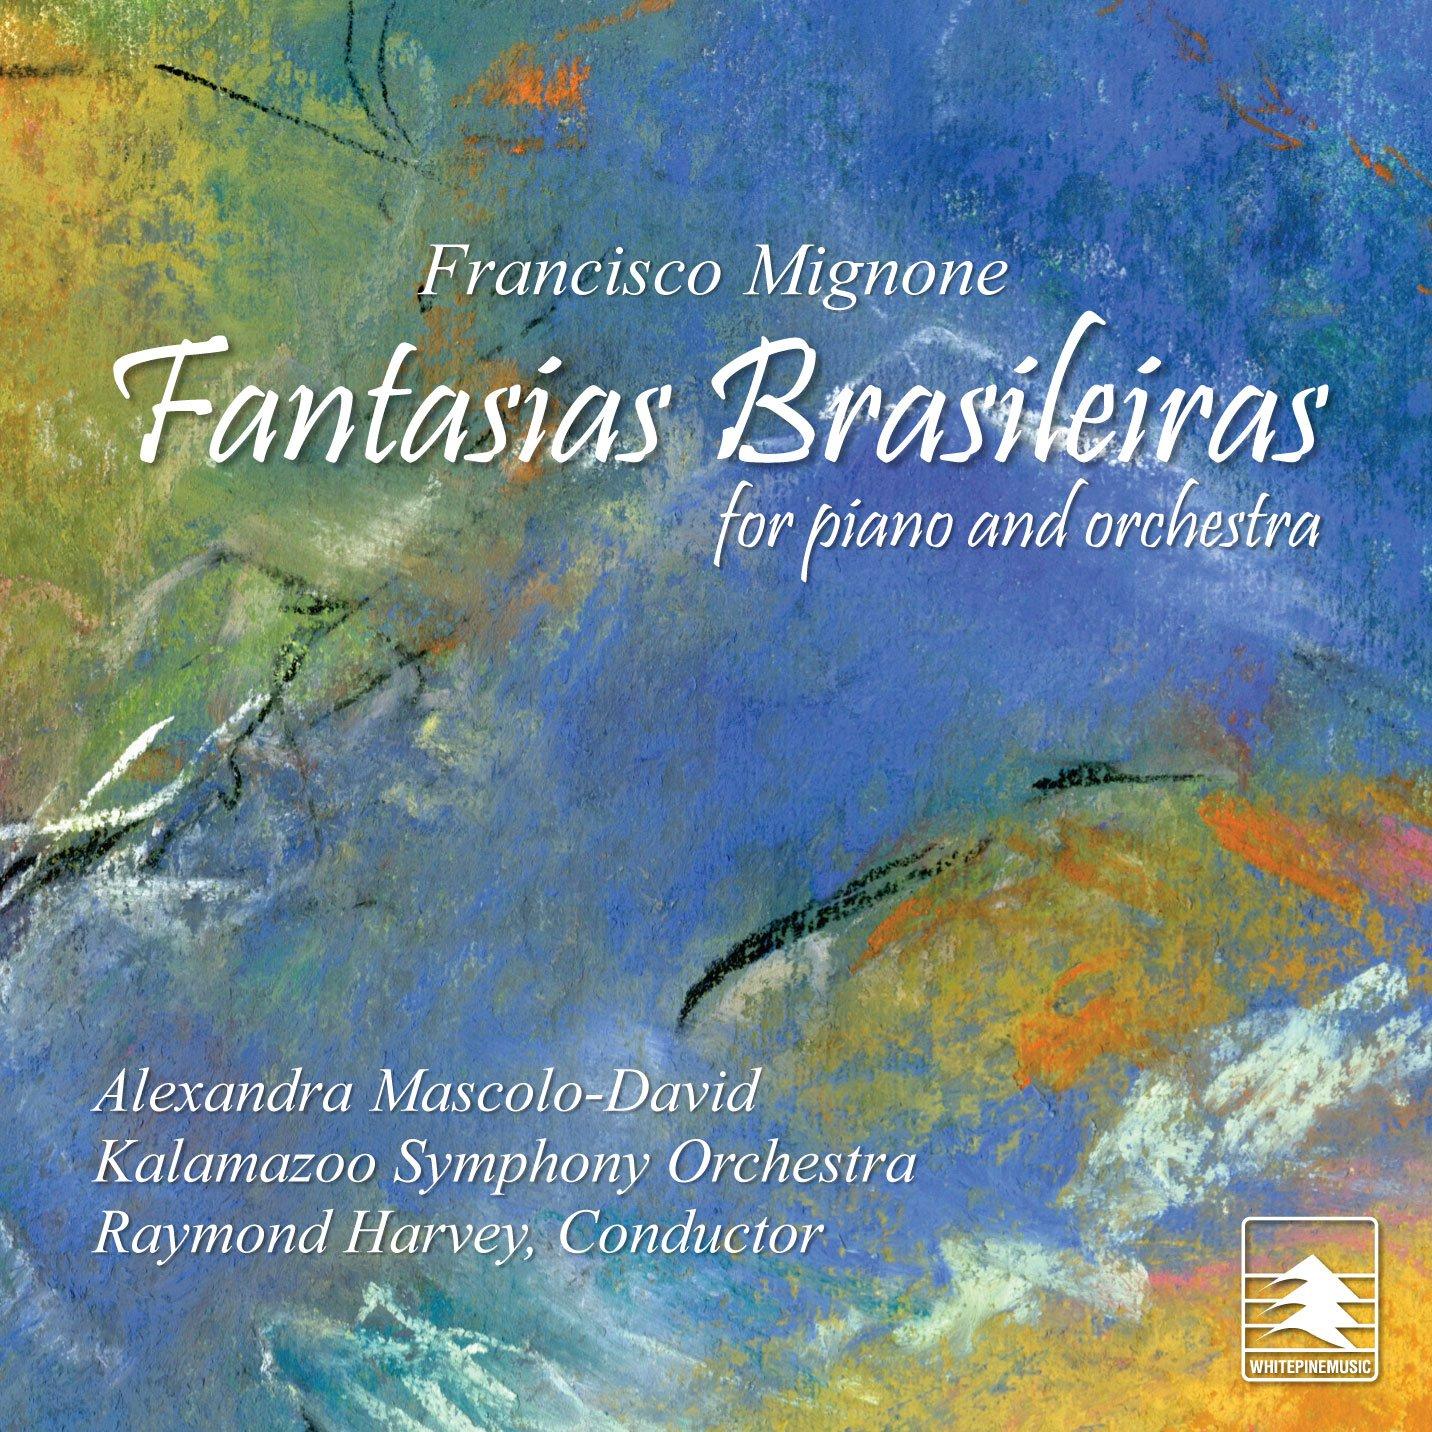 Fantasias Brasileiras